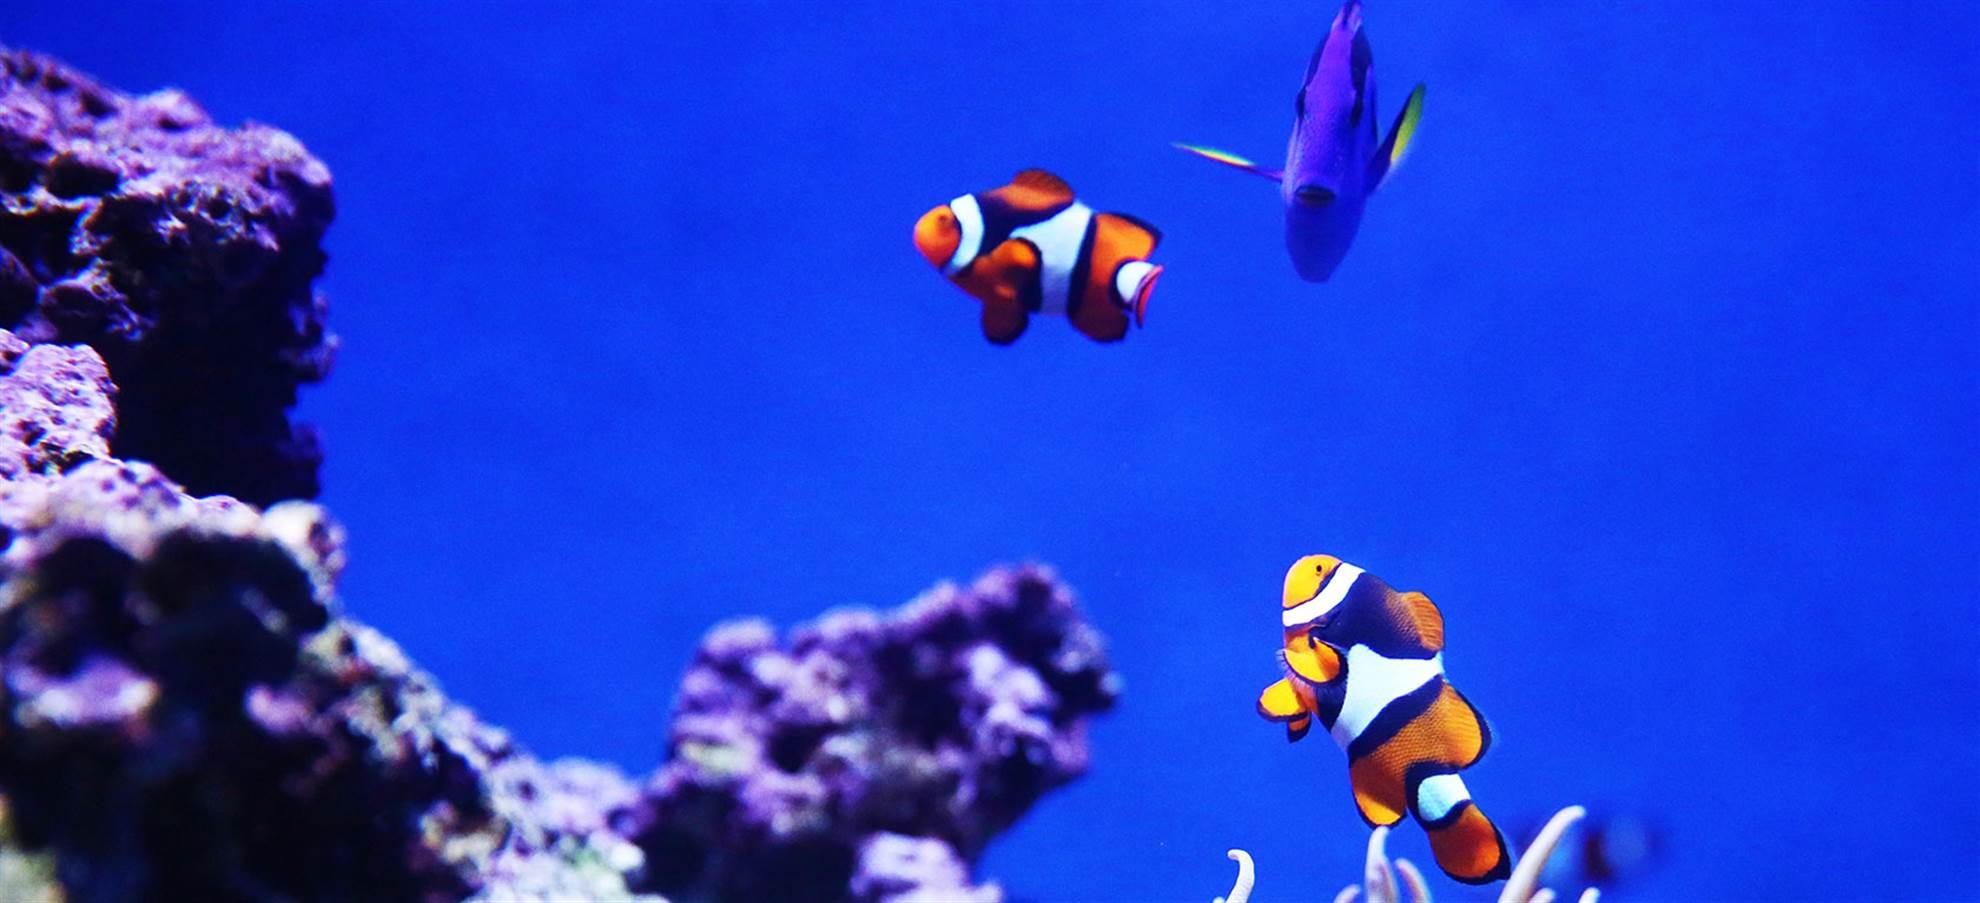 Grand City Tour + Aquarium of the Bay